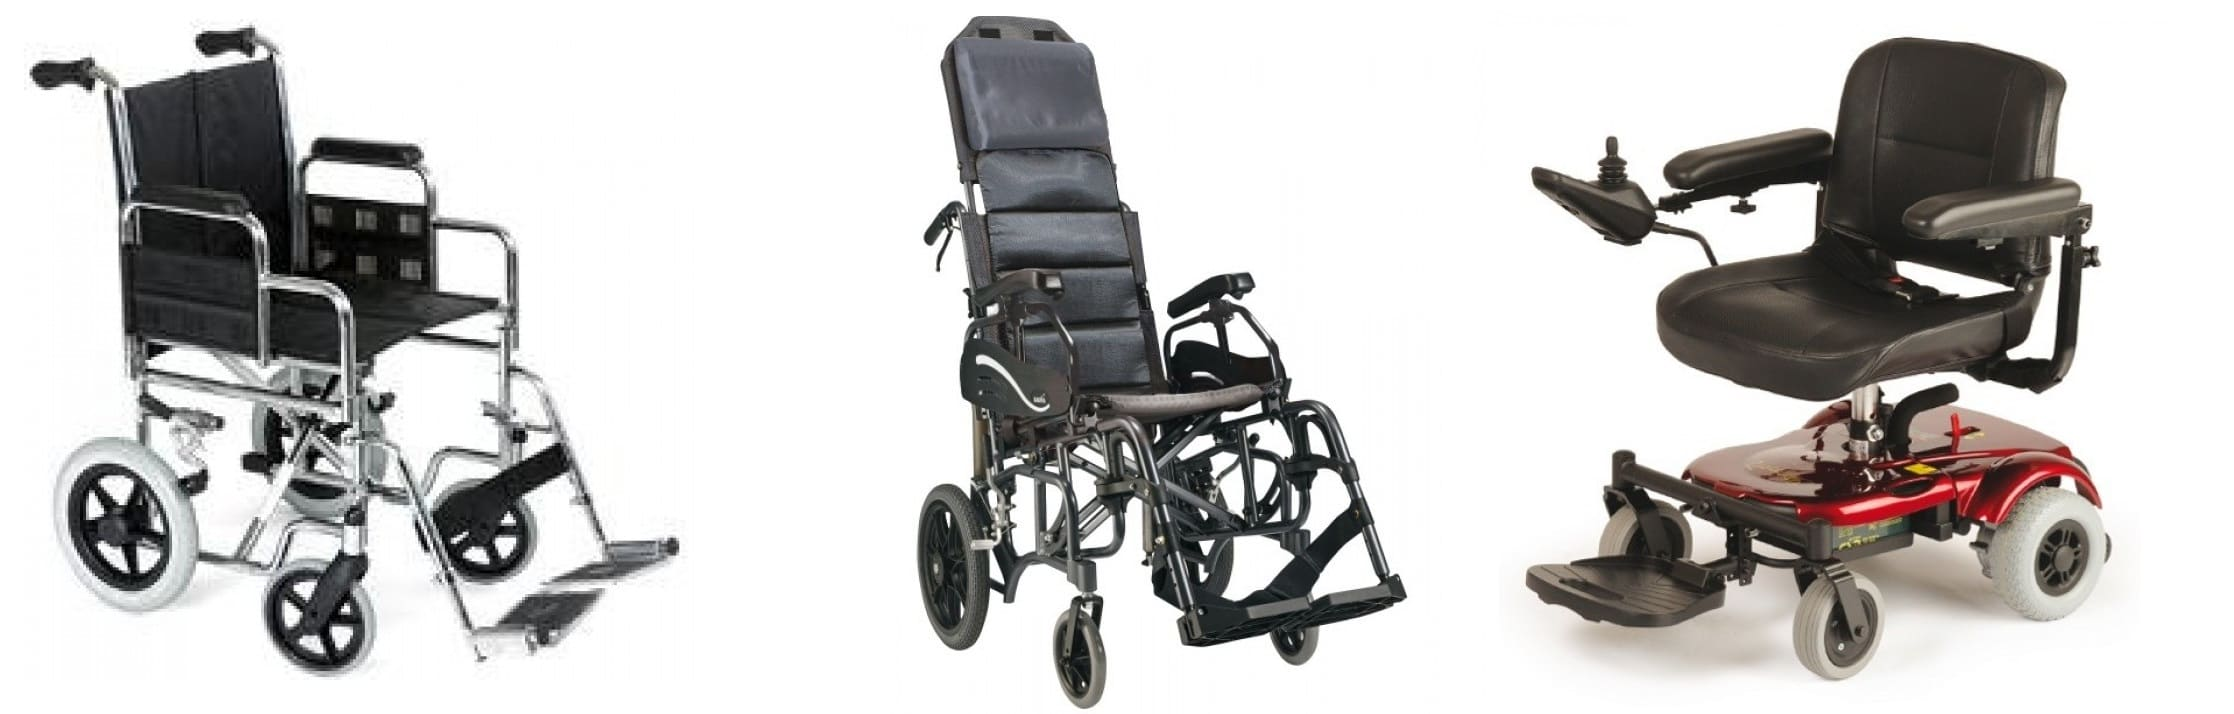 imagen de los tipos de silla de ruedas